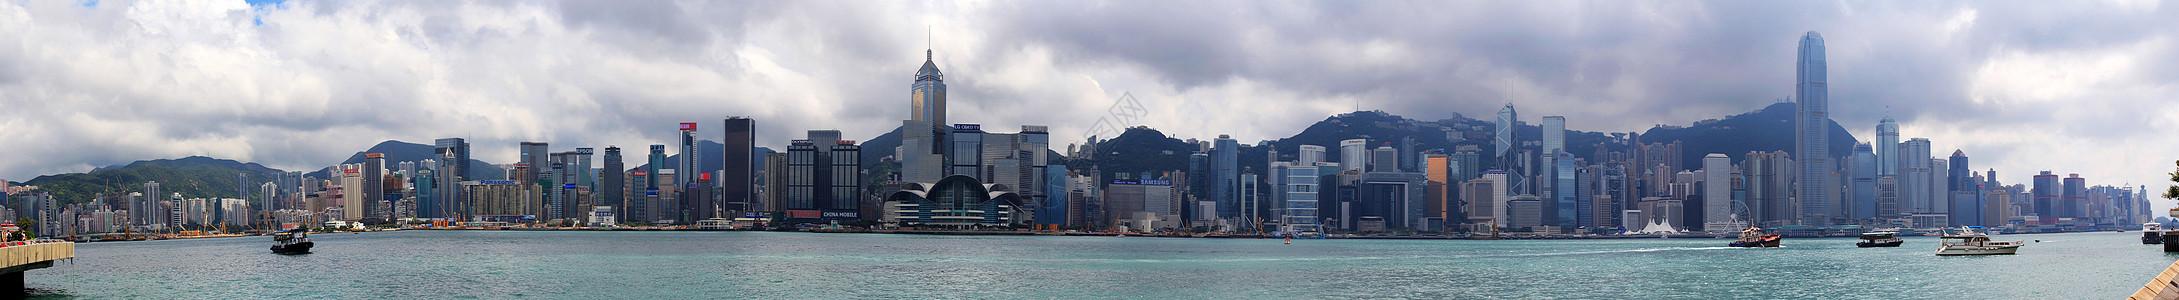 香港picture